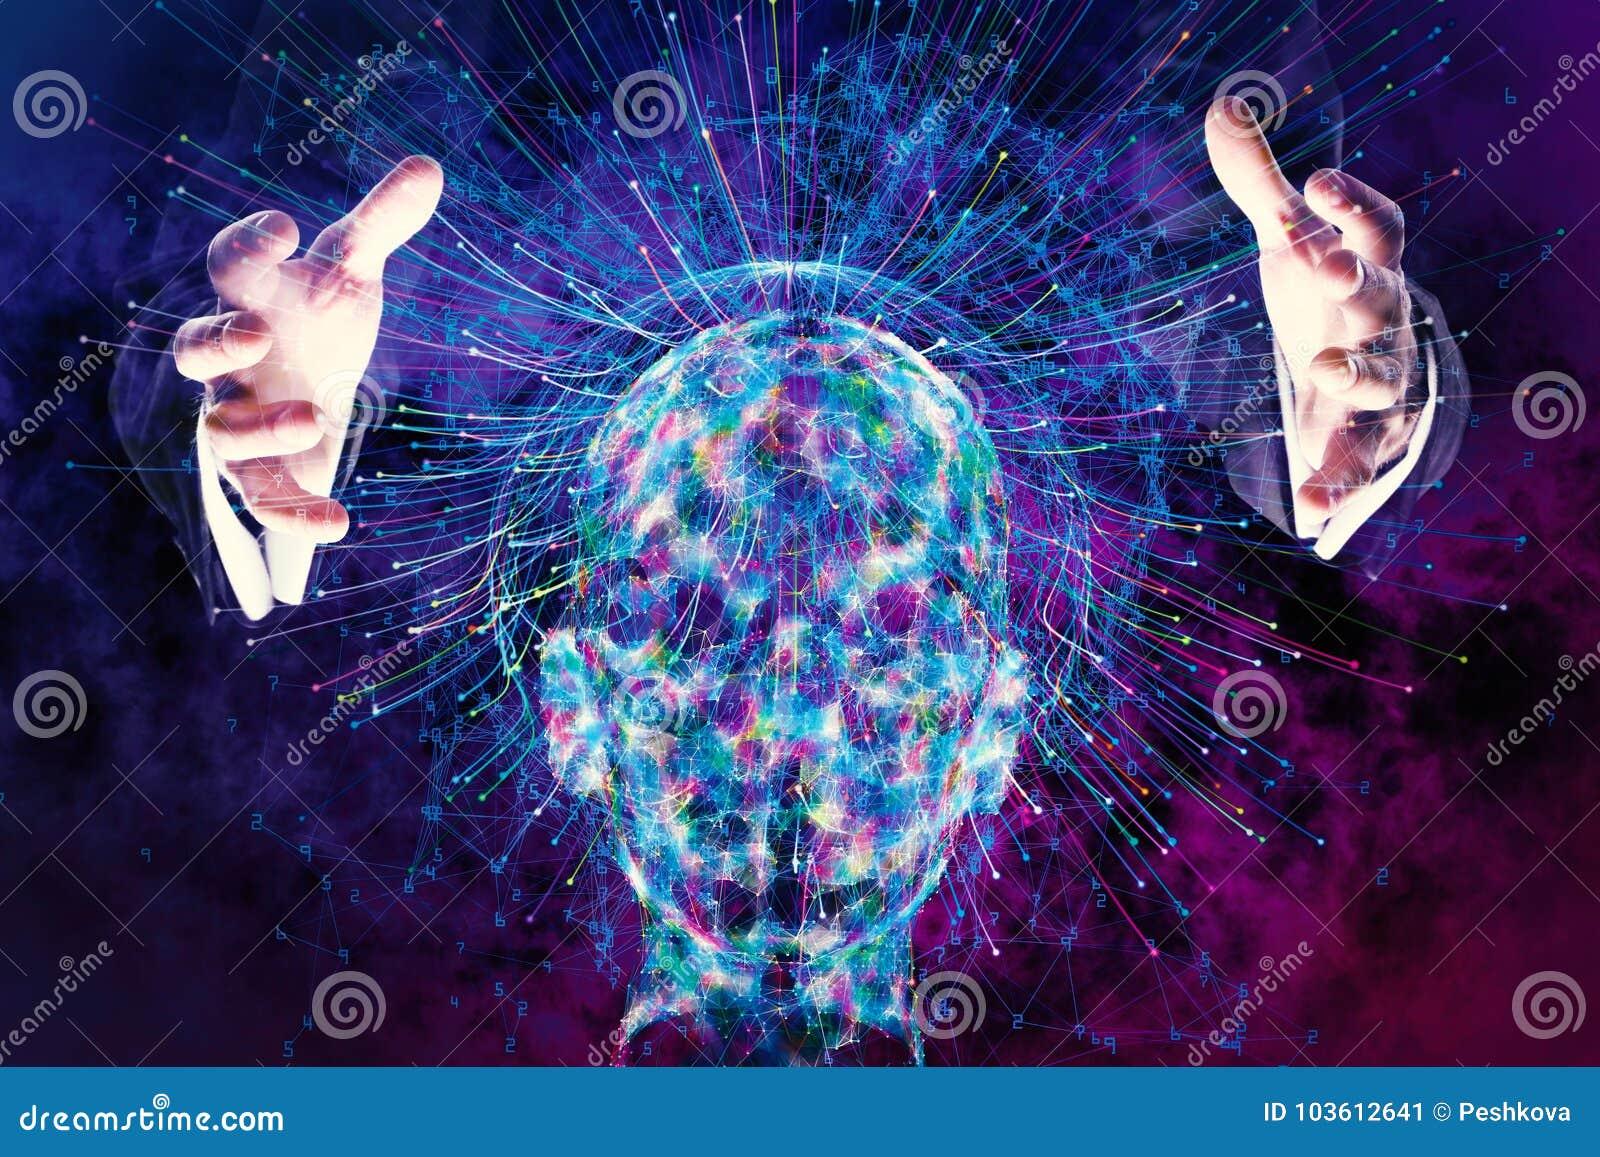 Искусственный интеллект и футуристическая концепция